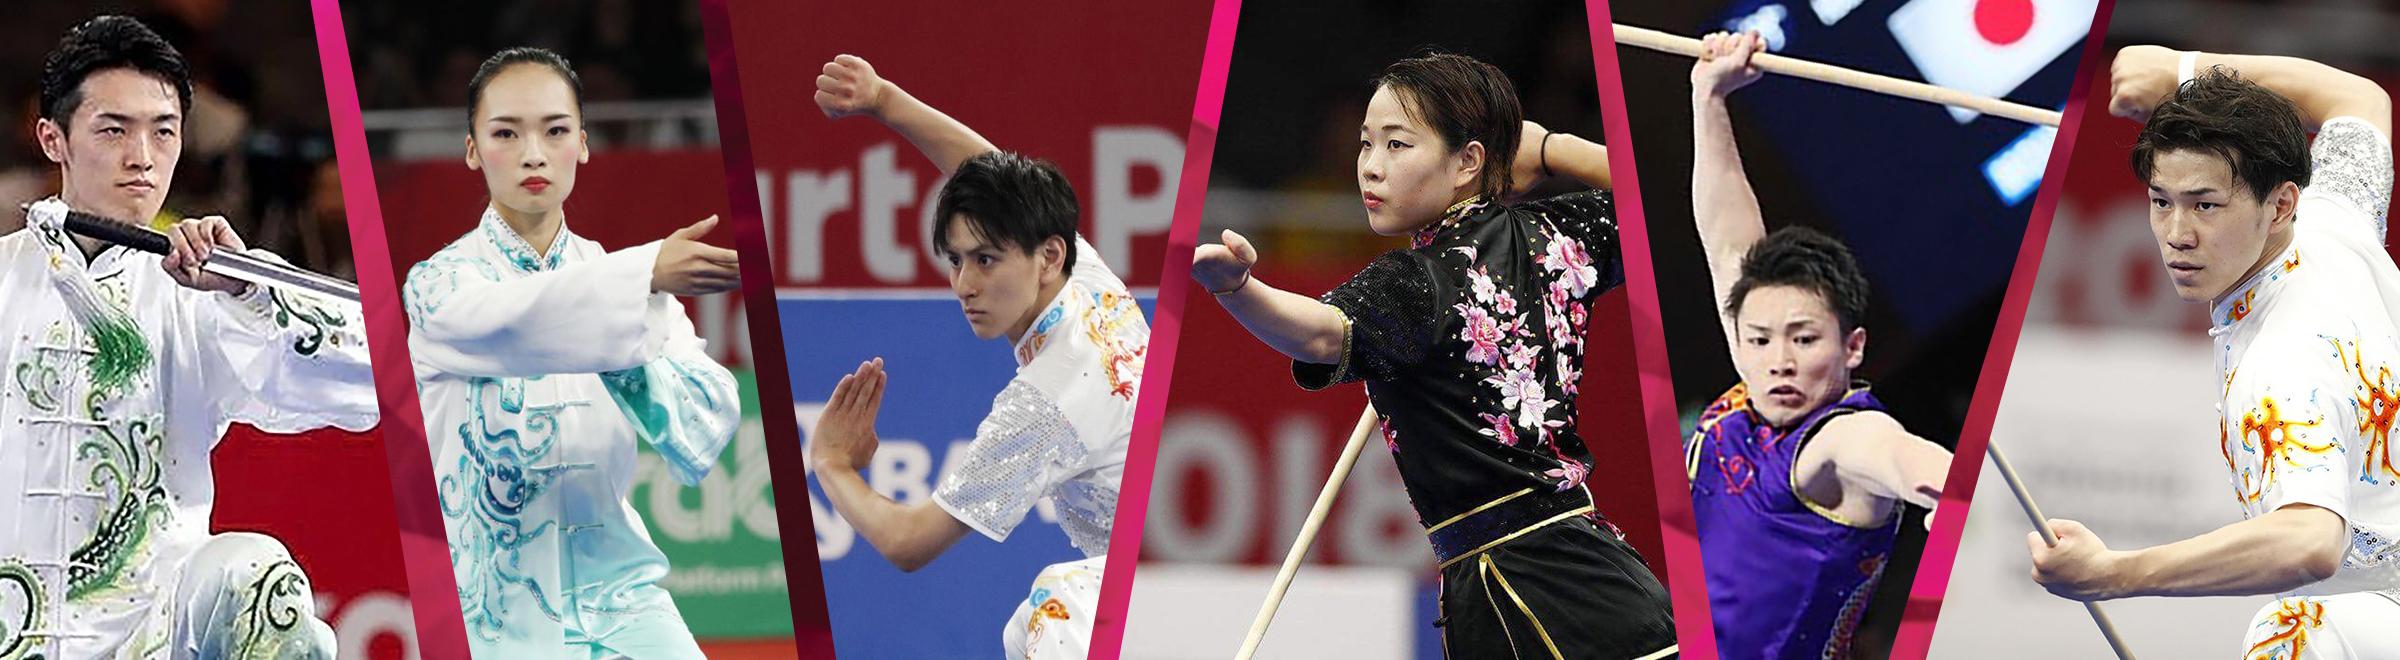 01_第18回アジア競技大会01_アジア大会日本代表選手たち